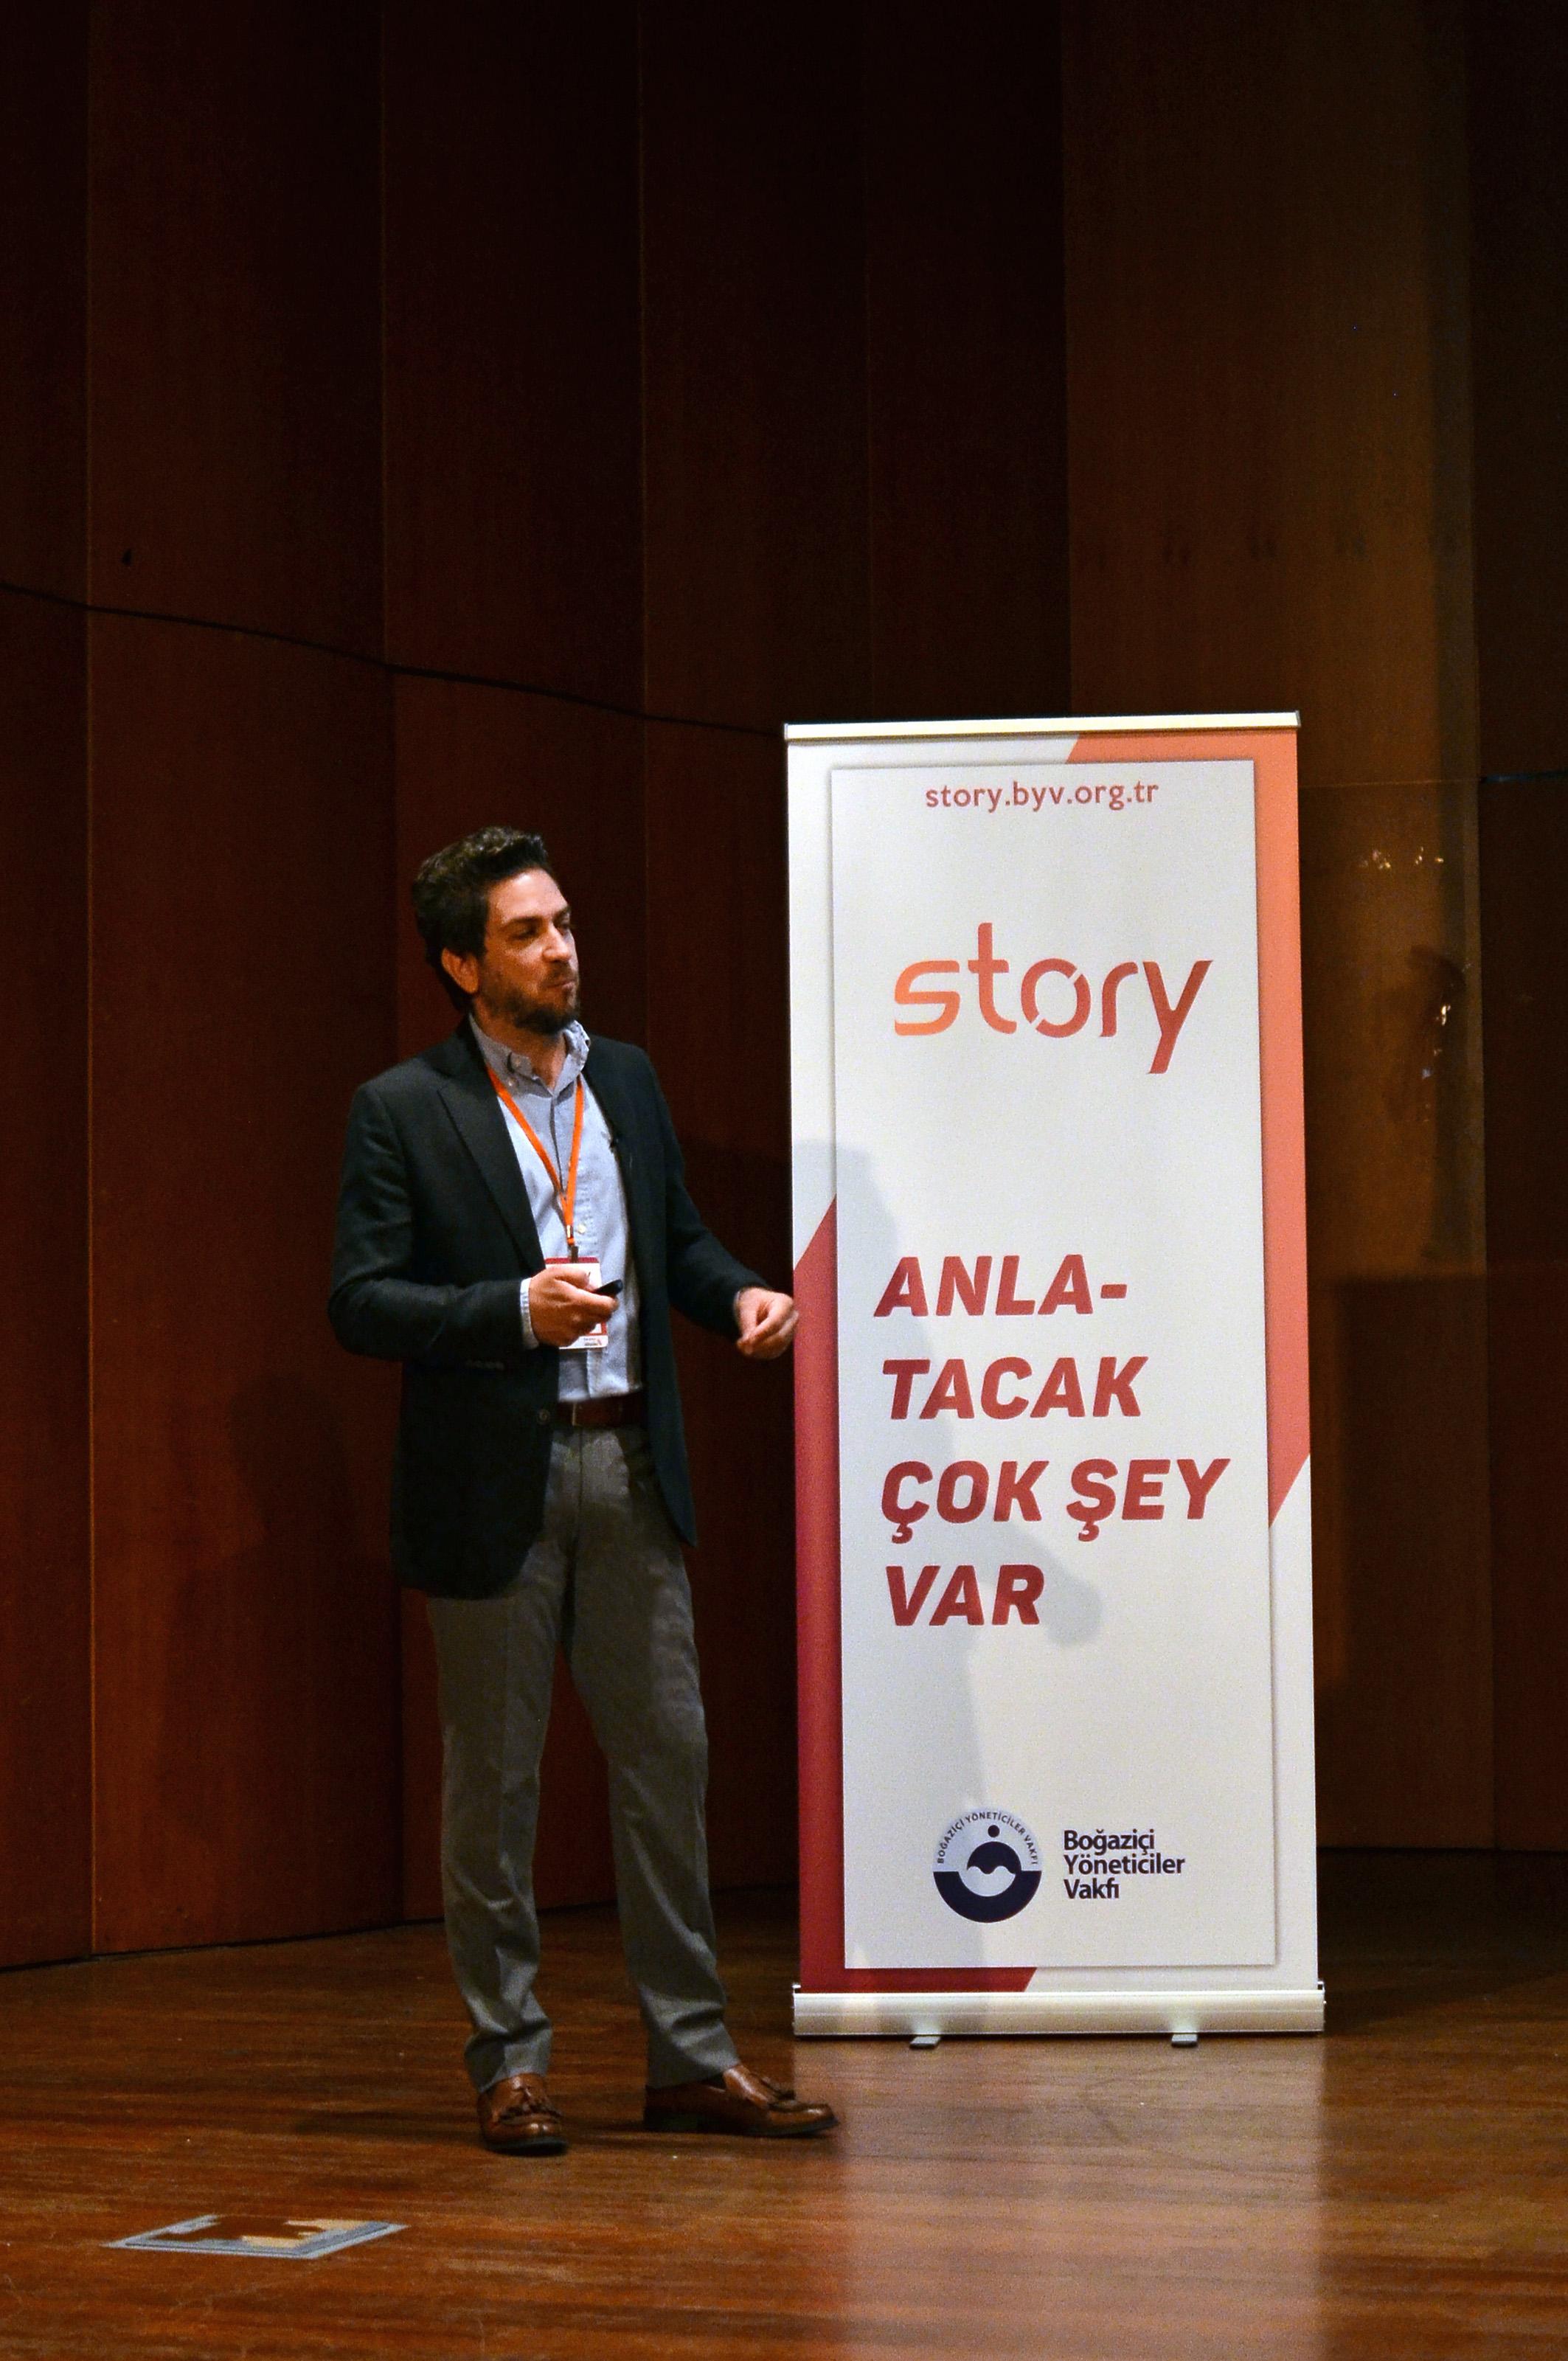 Story 2018 Alp Köksal Boğaziçi Üni